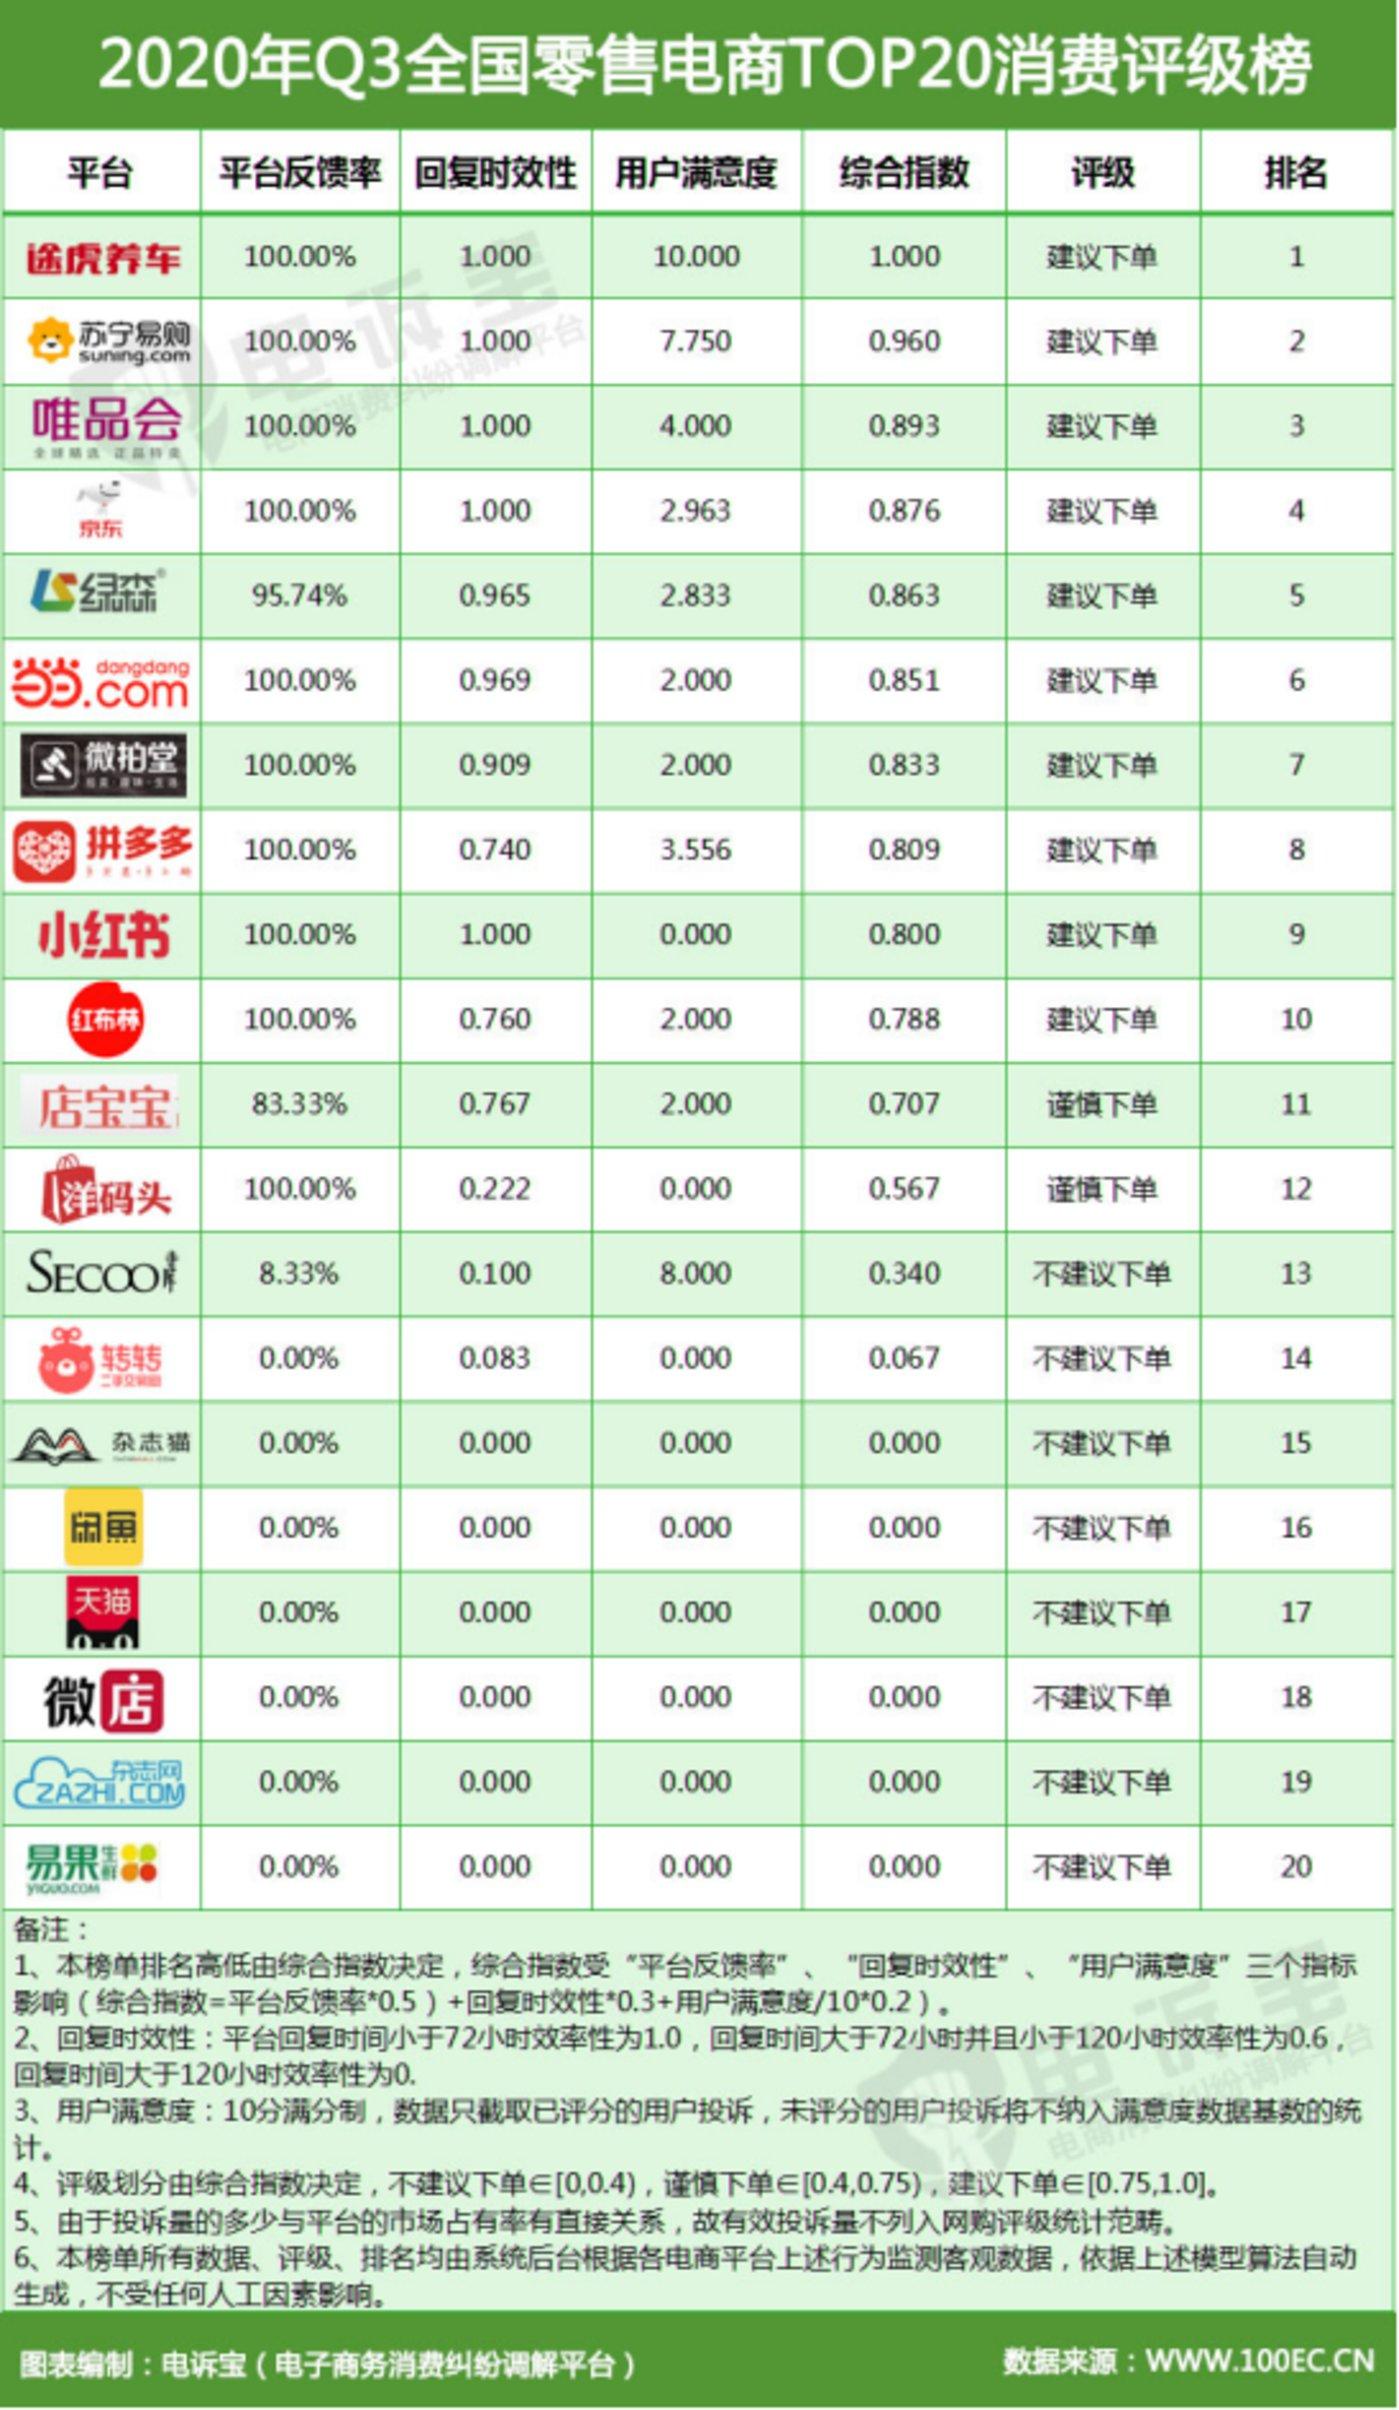 图片来源:《2020年Q3中国电子商务用户体验与投诉监测报告》